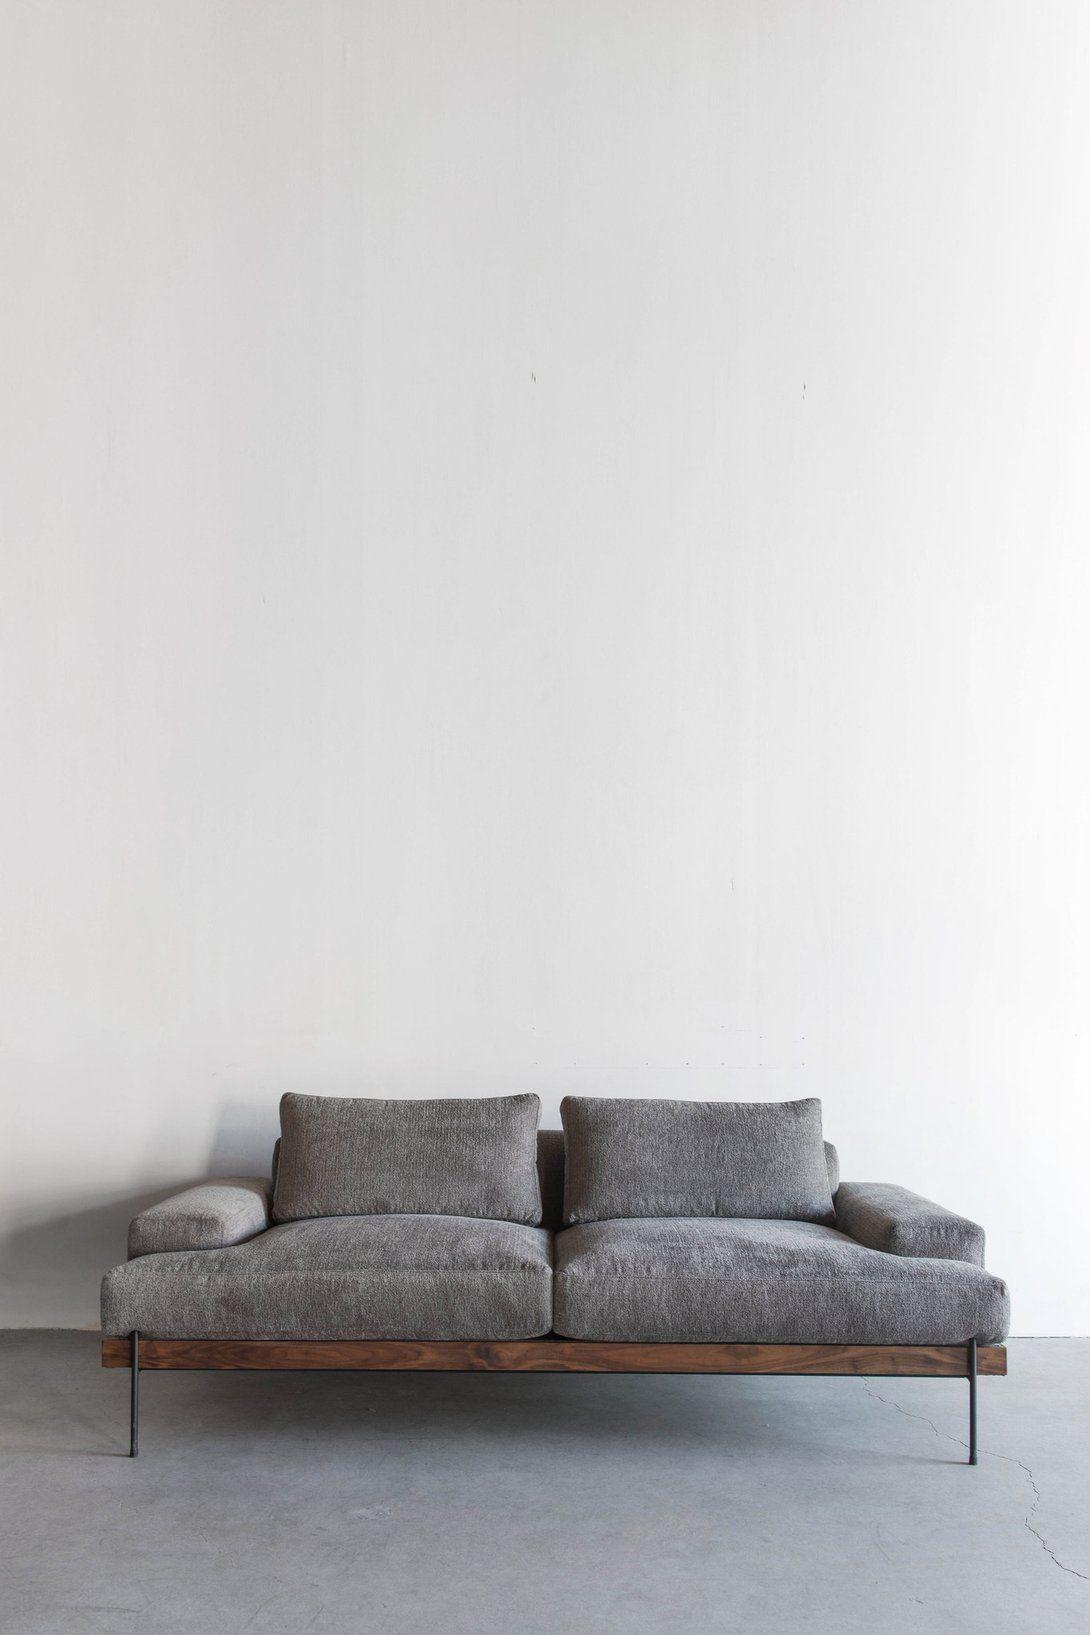 Canap fait maison trendy gallery of les meilleures ides for Tapis kilim avec canapé angle 5 places pas cher